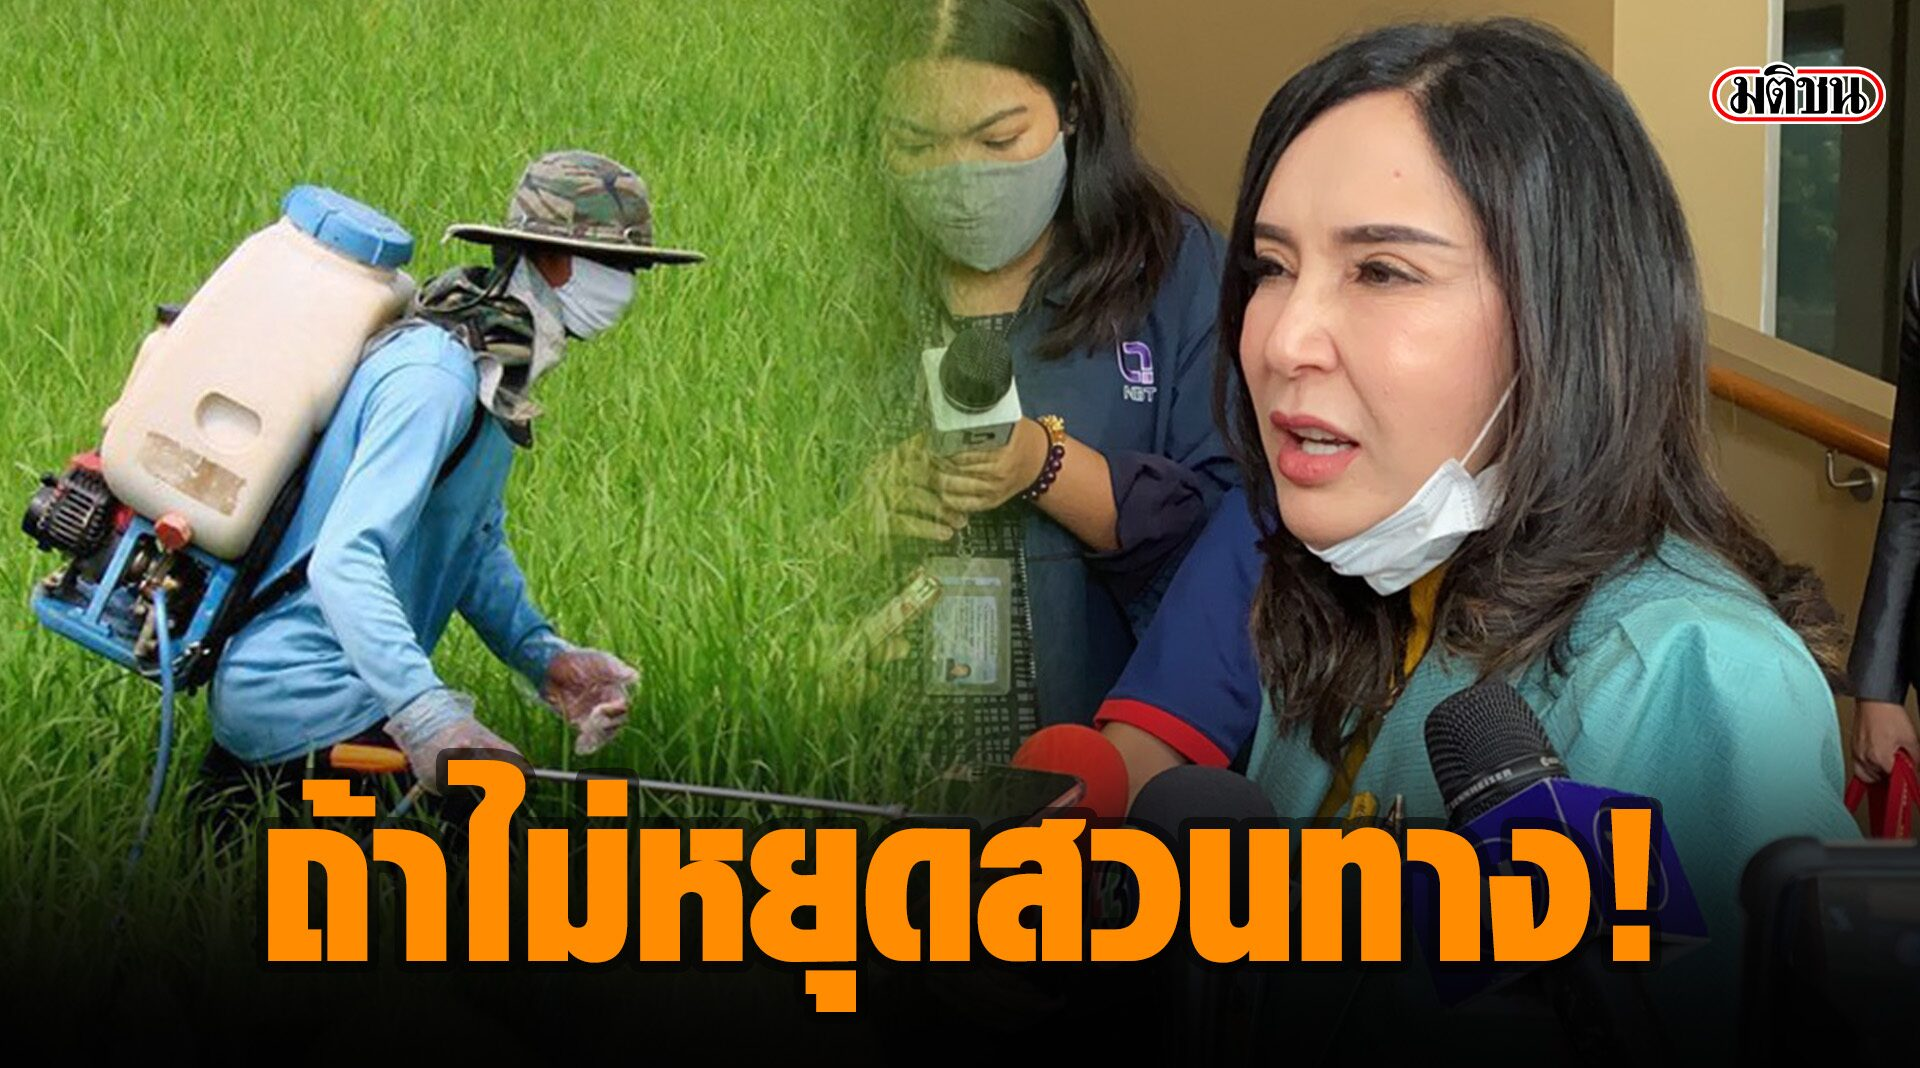 มนัญญา เดือด สั่งอธิบดีฯ ตรวจตั้งสมาคมวิทยาการวัชพืชฯ หลังเดินนโยบายสวนทางแบนพาราควอต